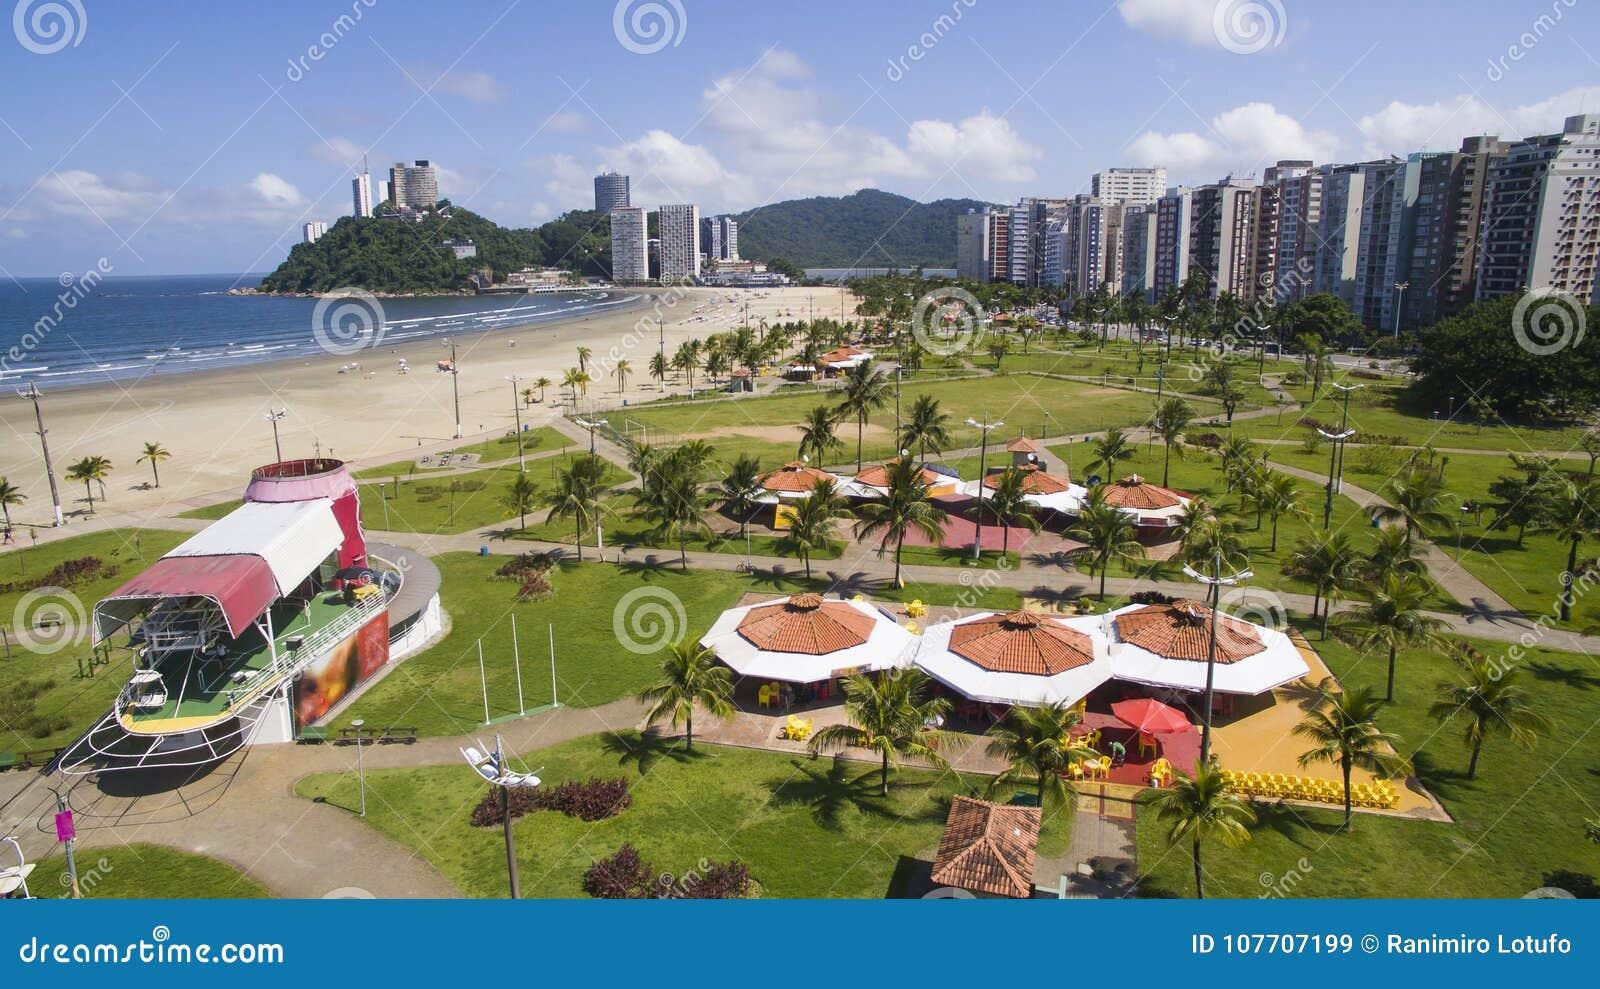 Download Mooi Strand In Zuid-Amerika, Brazilië Stock Afbeelding - Afbeelding bestaande uit oceaan, boot: 107707199